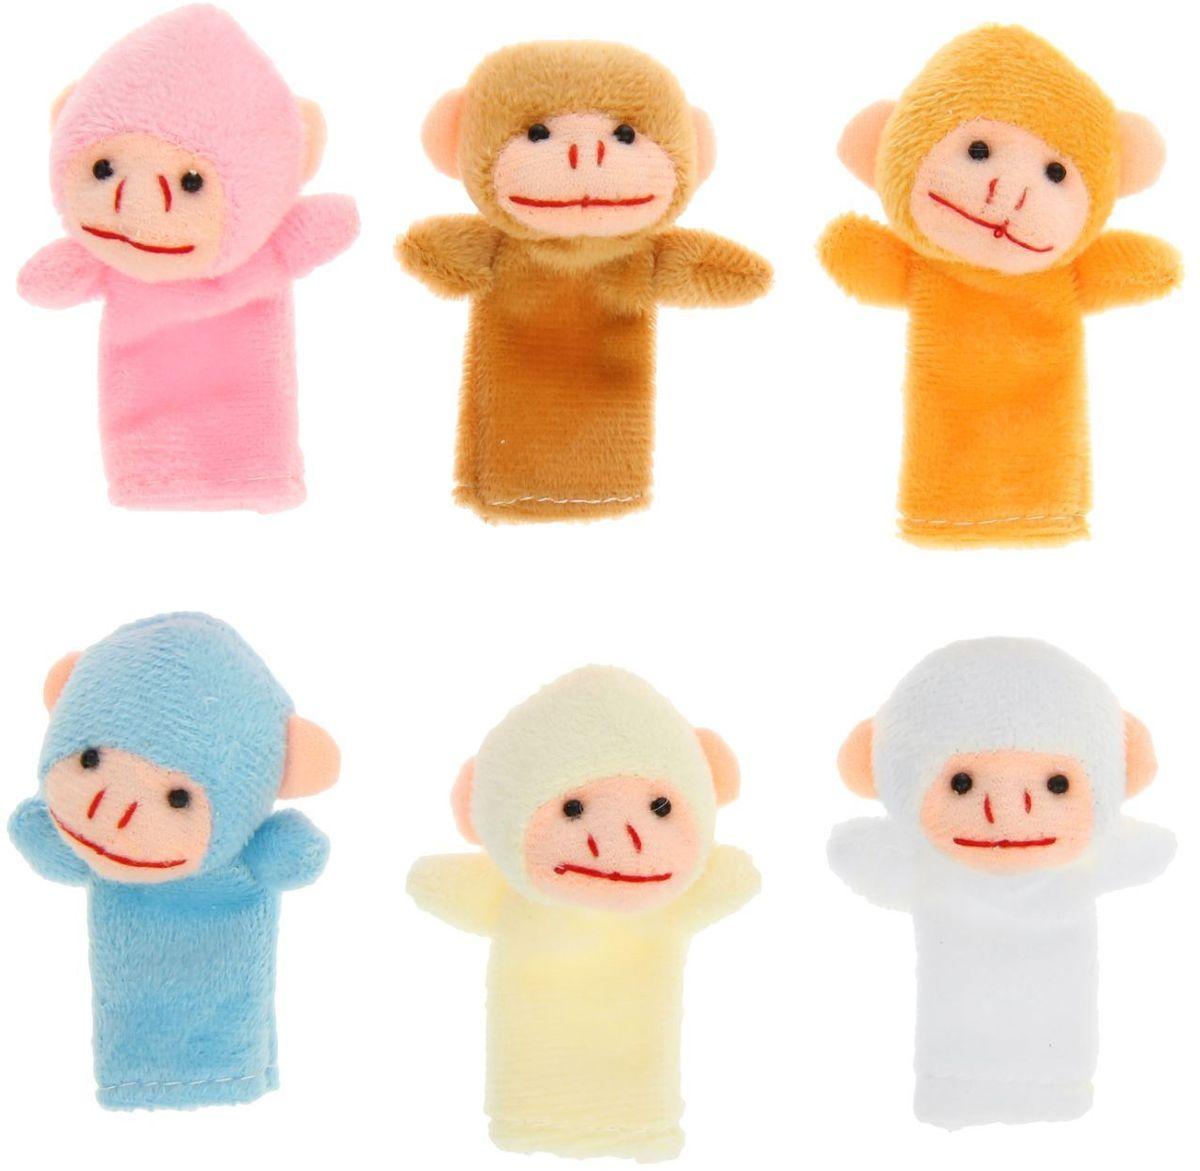 Sima-land Набор пальчиковых игрушек Обезьяна 10 шт sima land набор мягких игрушек на руку теремок 6 персонажей 477058